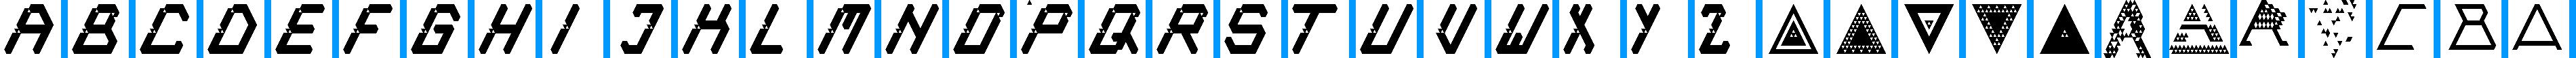 Particip-a-type v.216